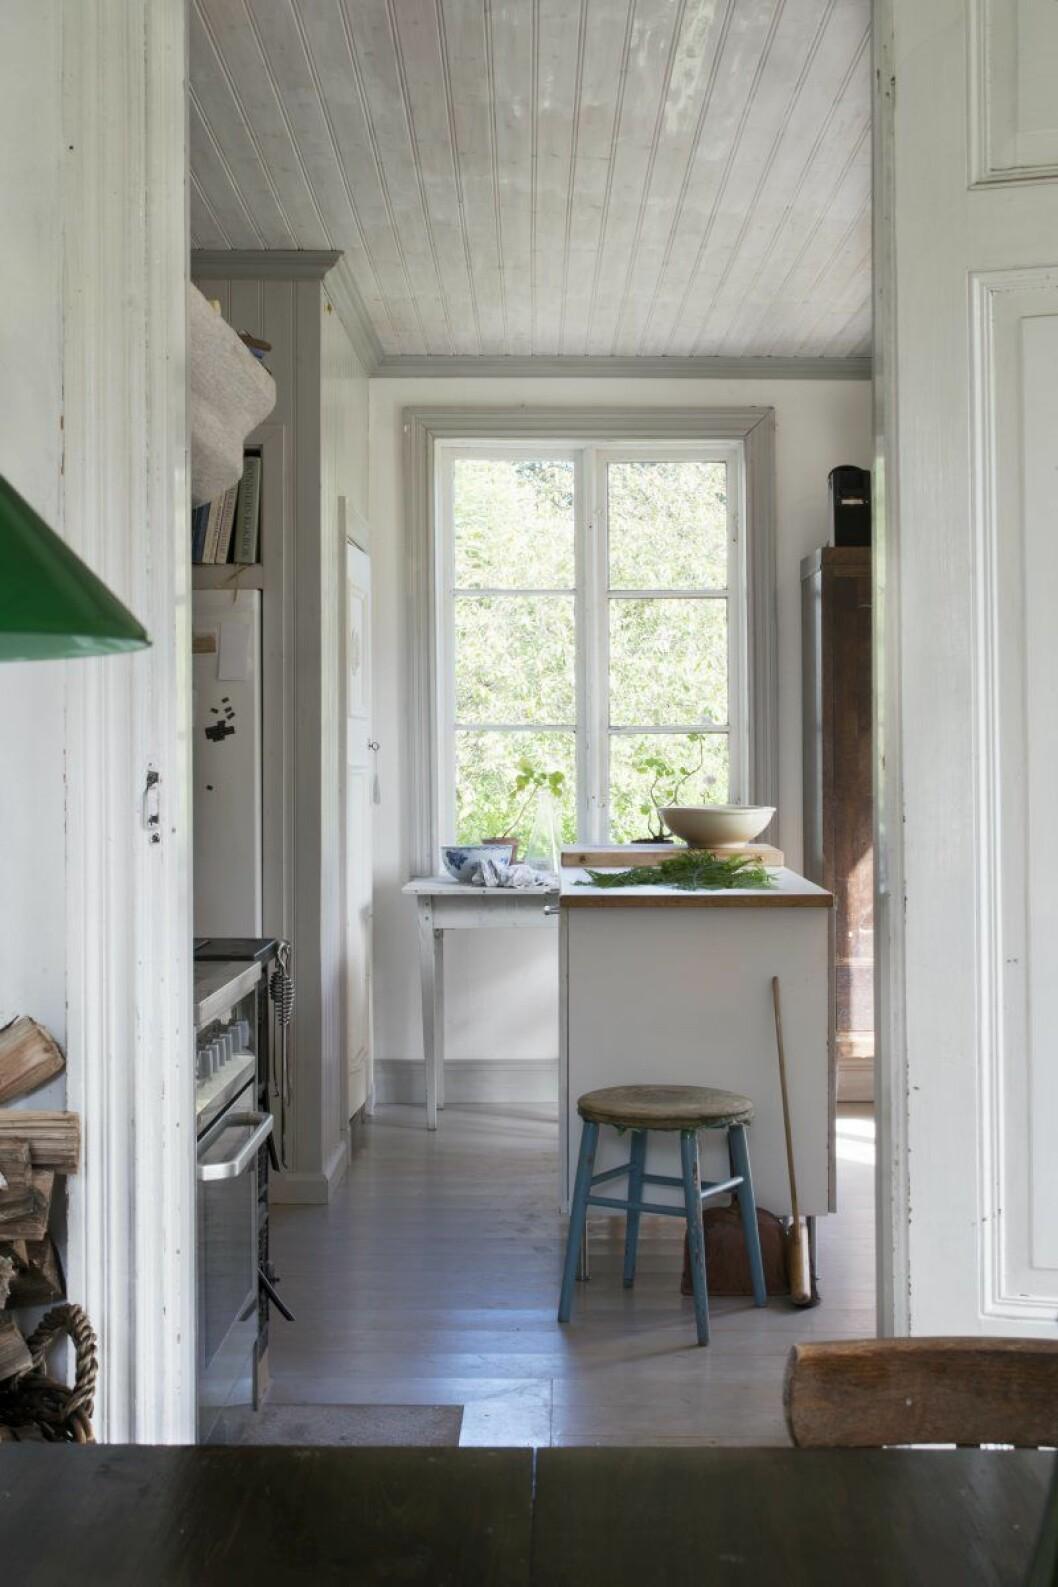 Dörren till köket är ny, fastän det inte syns över huvud taget. I köket la paret in nytt golv, kaklade väggarna, tog upp en ny dörr till trädgården och byggde en köksö. »Helt mussäkert, men det visste jag inte innan!« säger Emma.